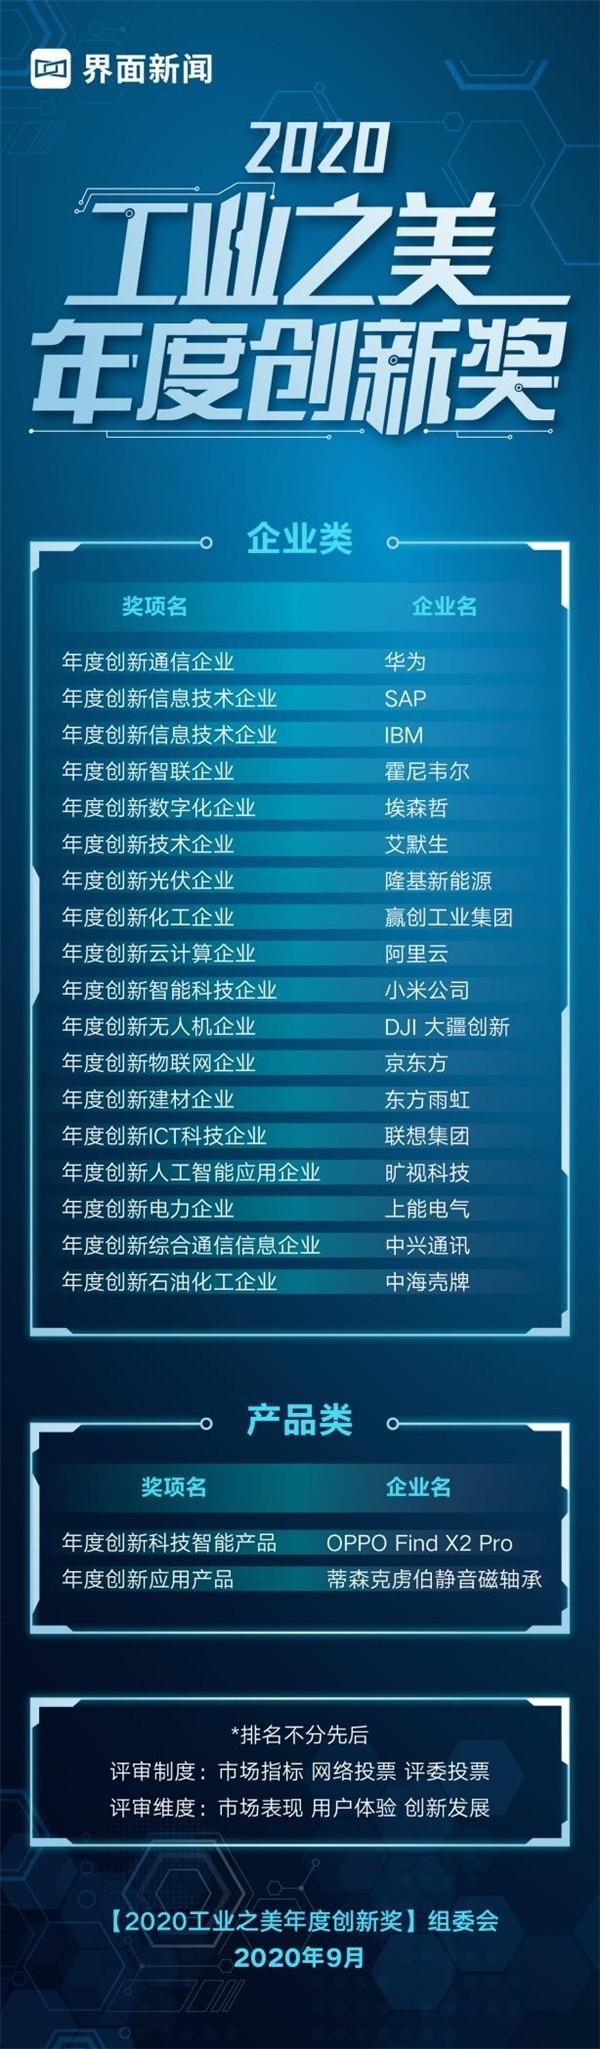 2020【工业之美年度创新奖】榜单公布,20项大奖揭晓